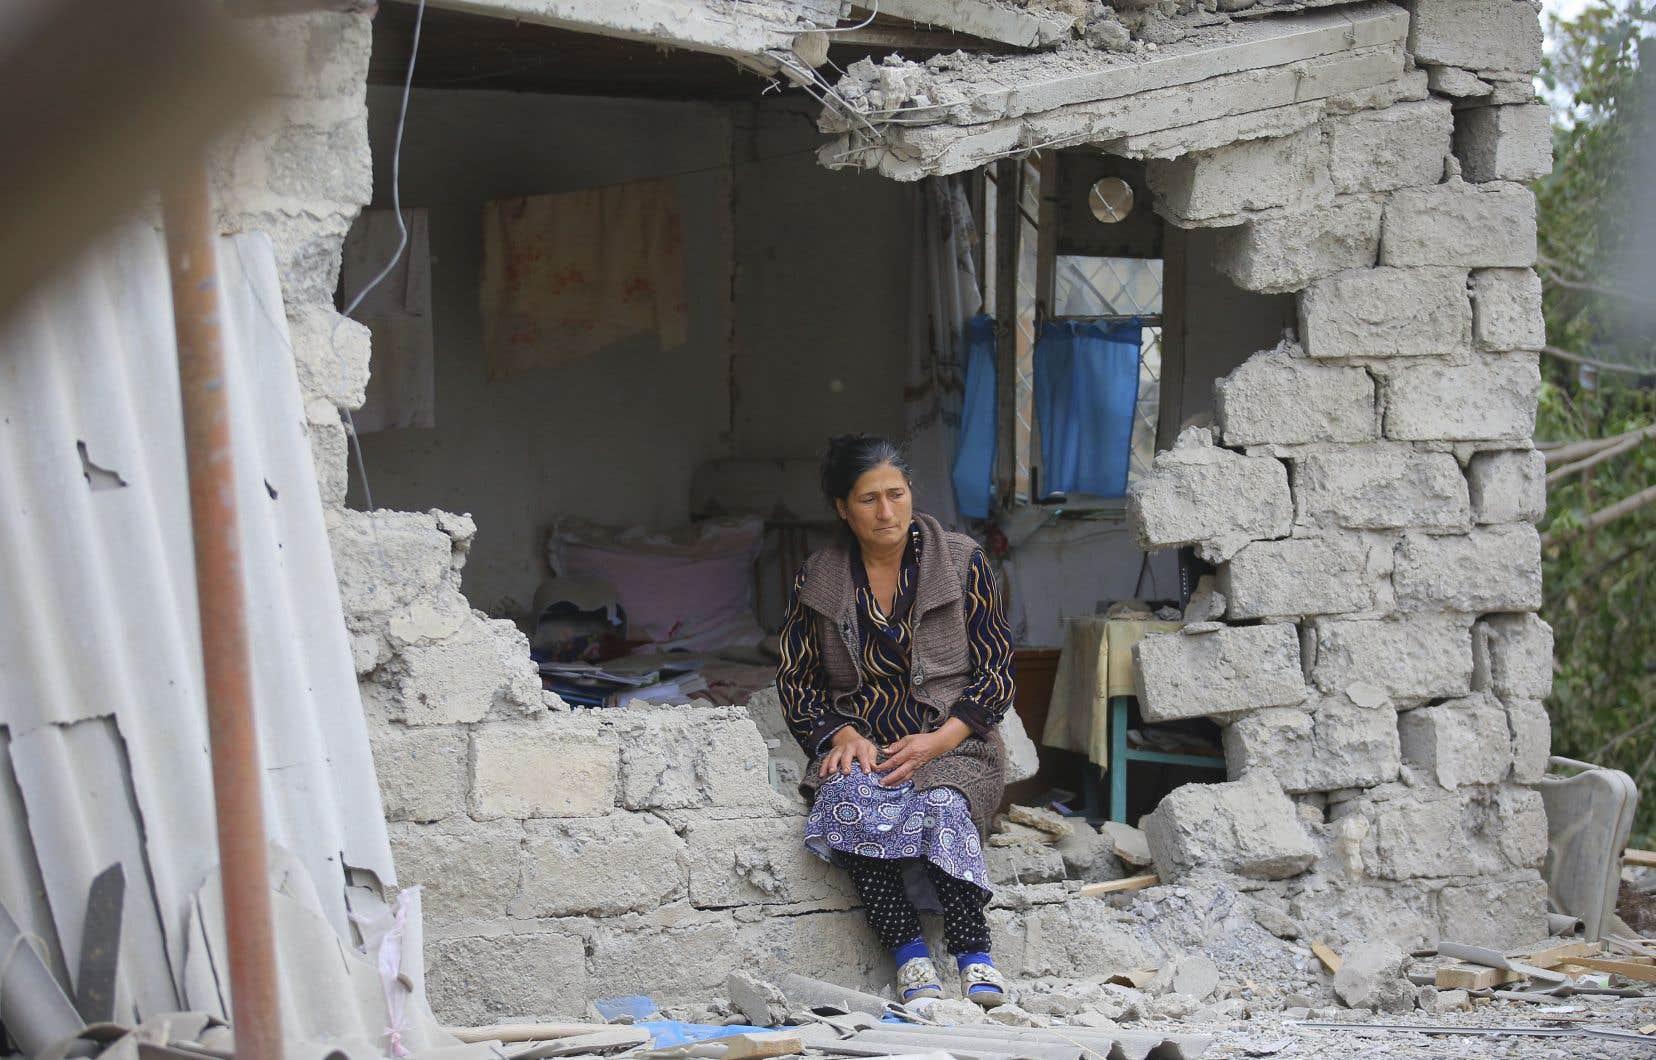 La ville de Stepanakert, dans le Haut-Karabakh, est soumise à des bombardements réguliers depuis deux semaines.